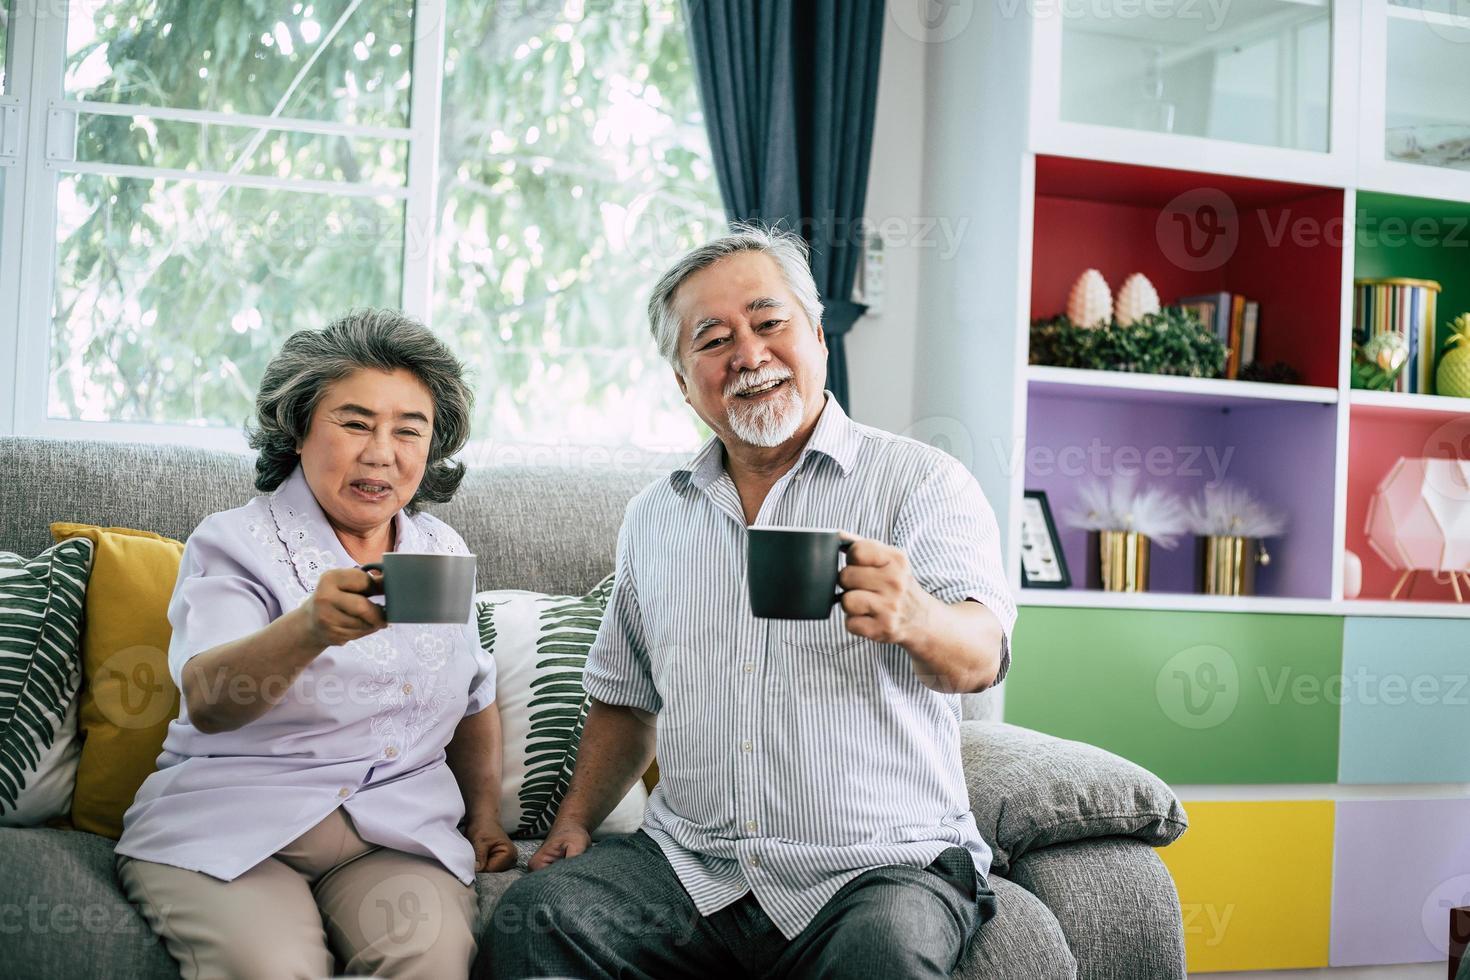 coppia senior insieme nel loro soggiorno foto